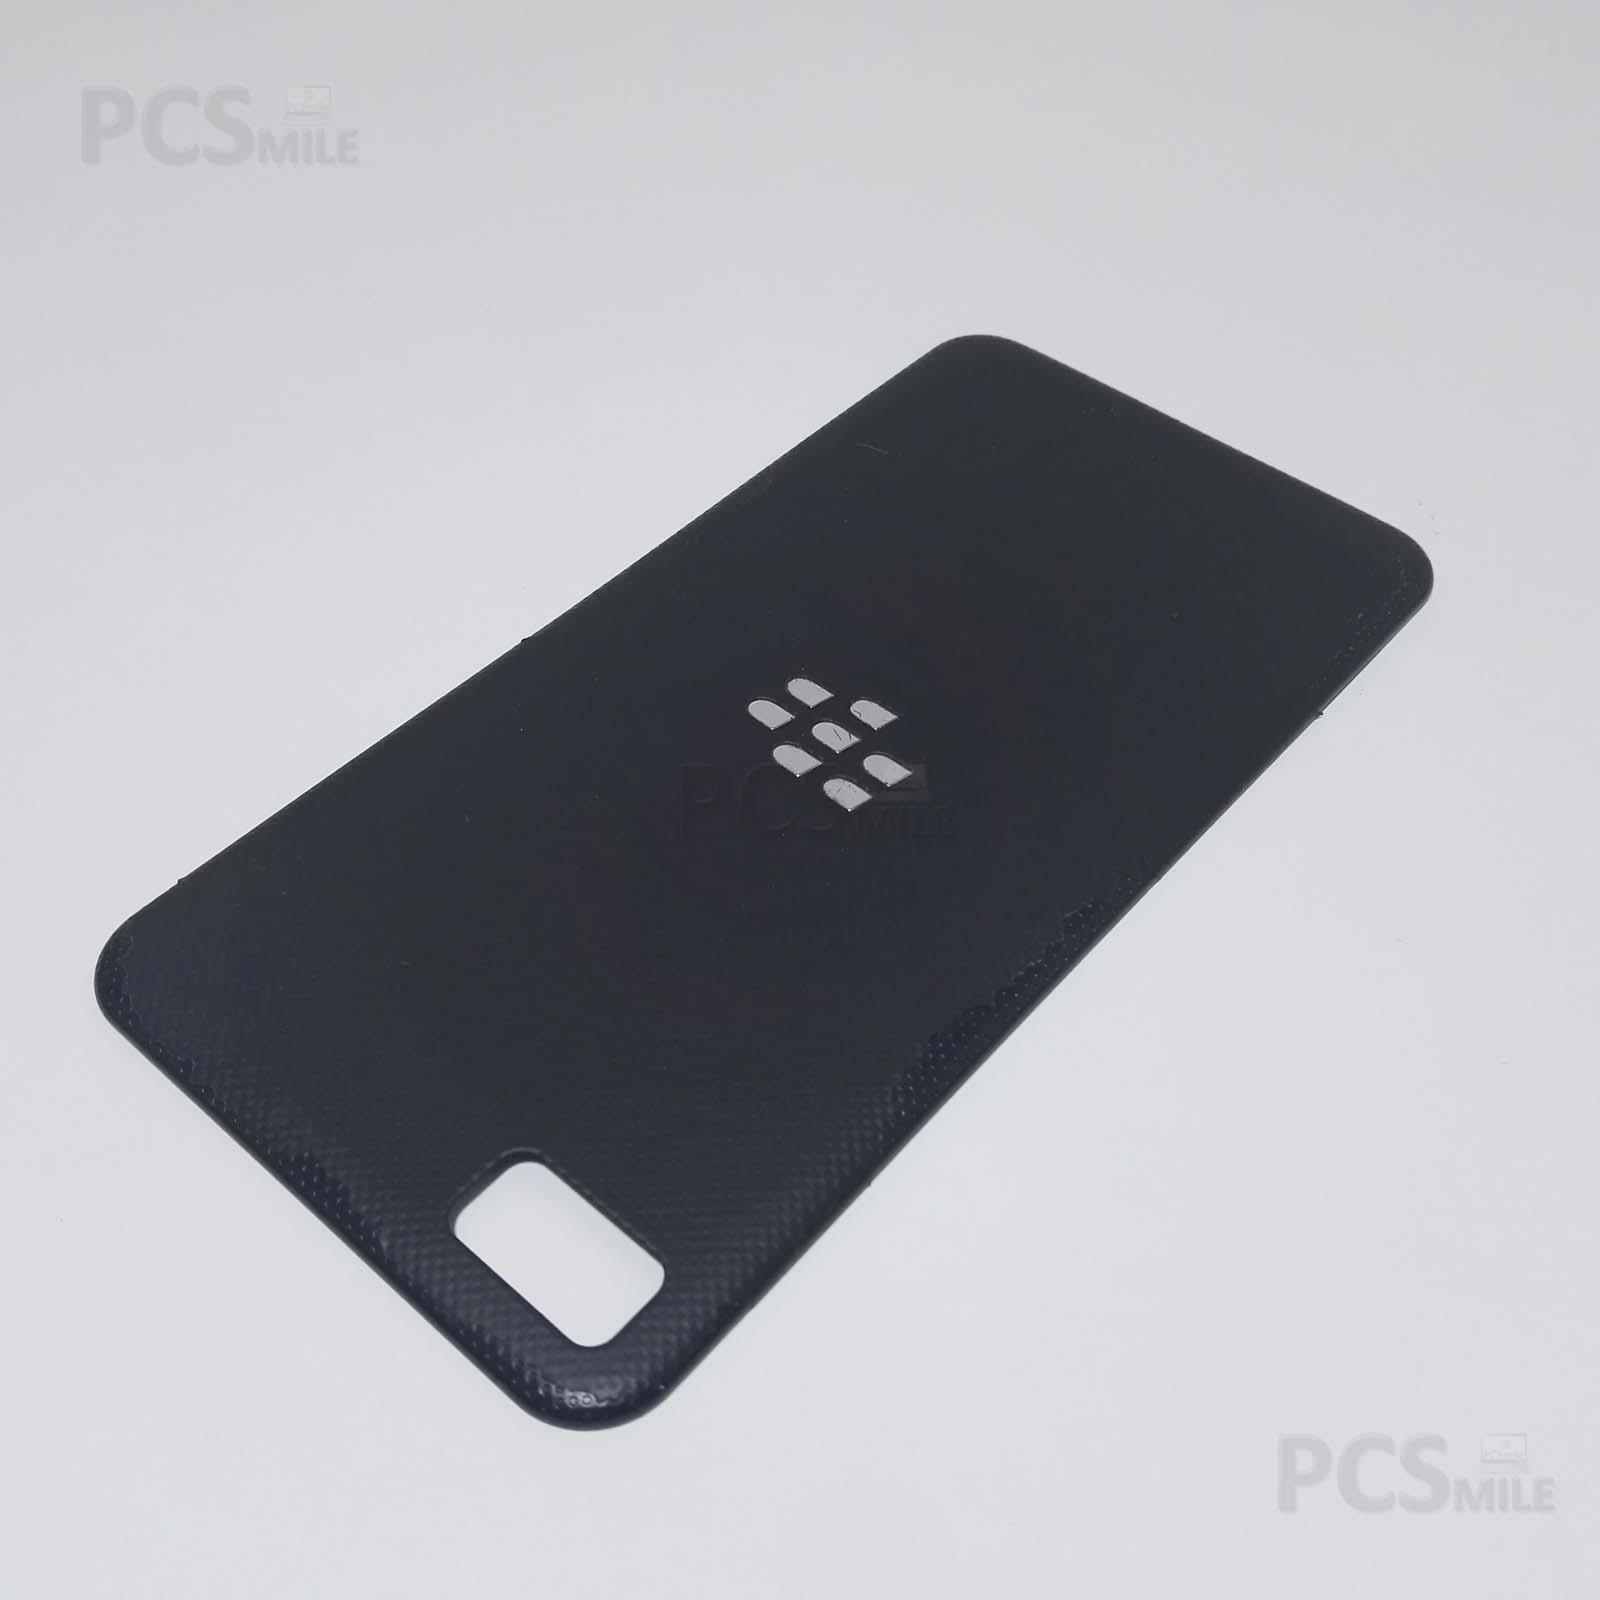 Scocca posteriore originale Black nero BlackBerry Z10 STL100-2 cover copri batt